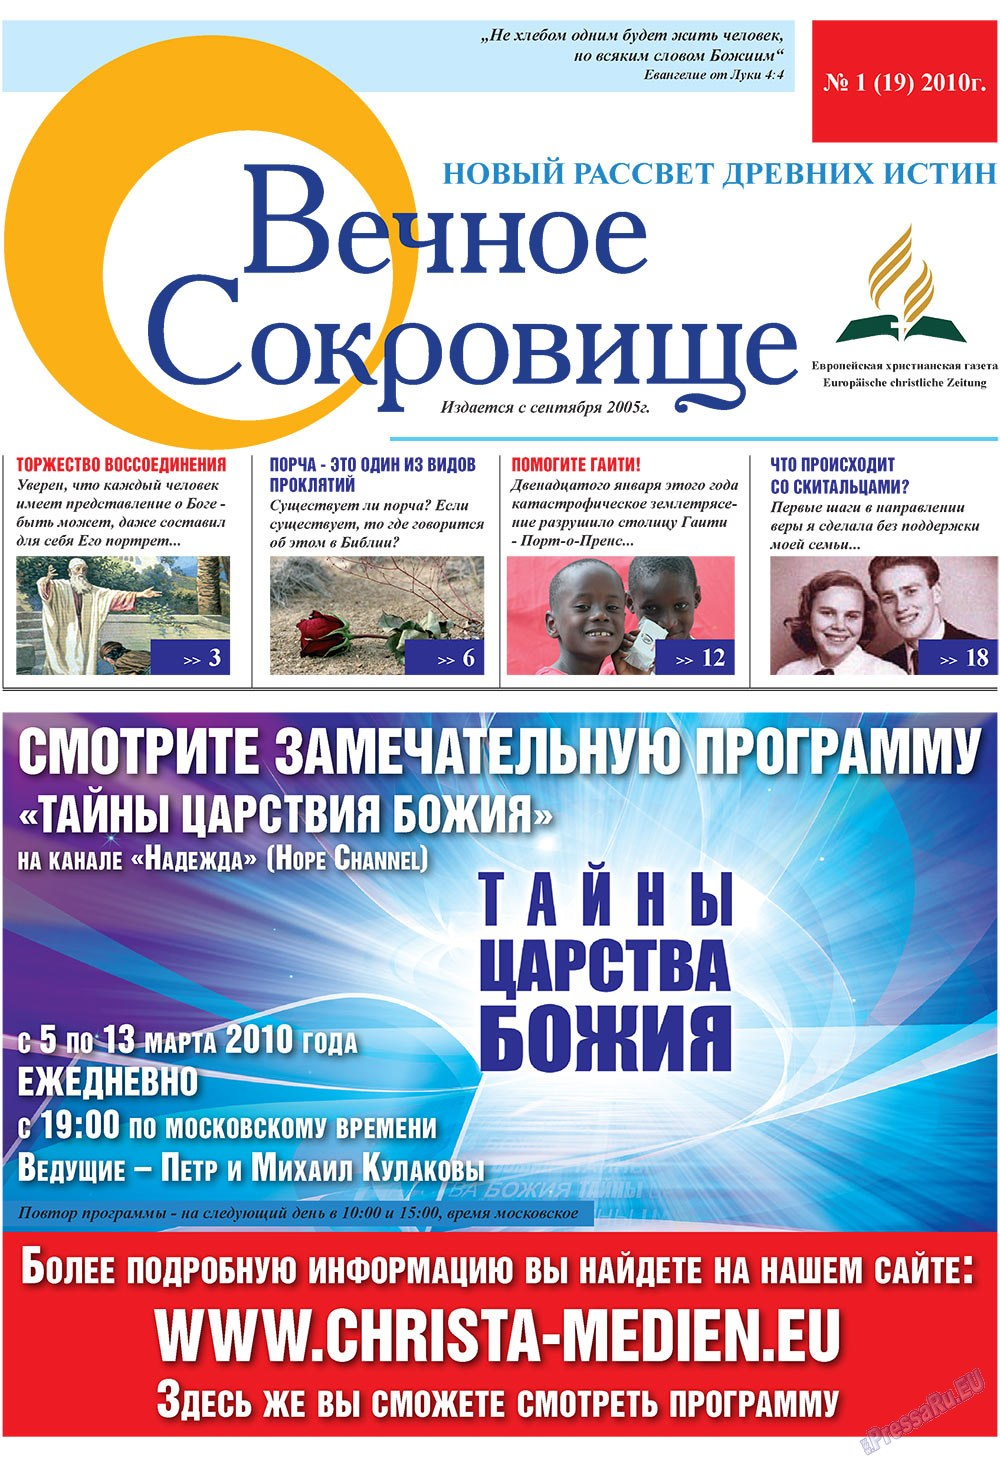 Вечное сокровище (газета). 2010 год, номер 1, стр. 1